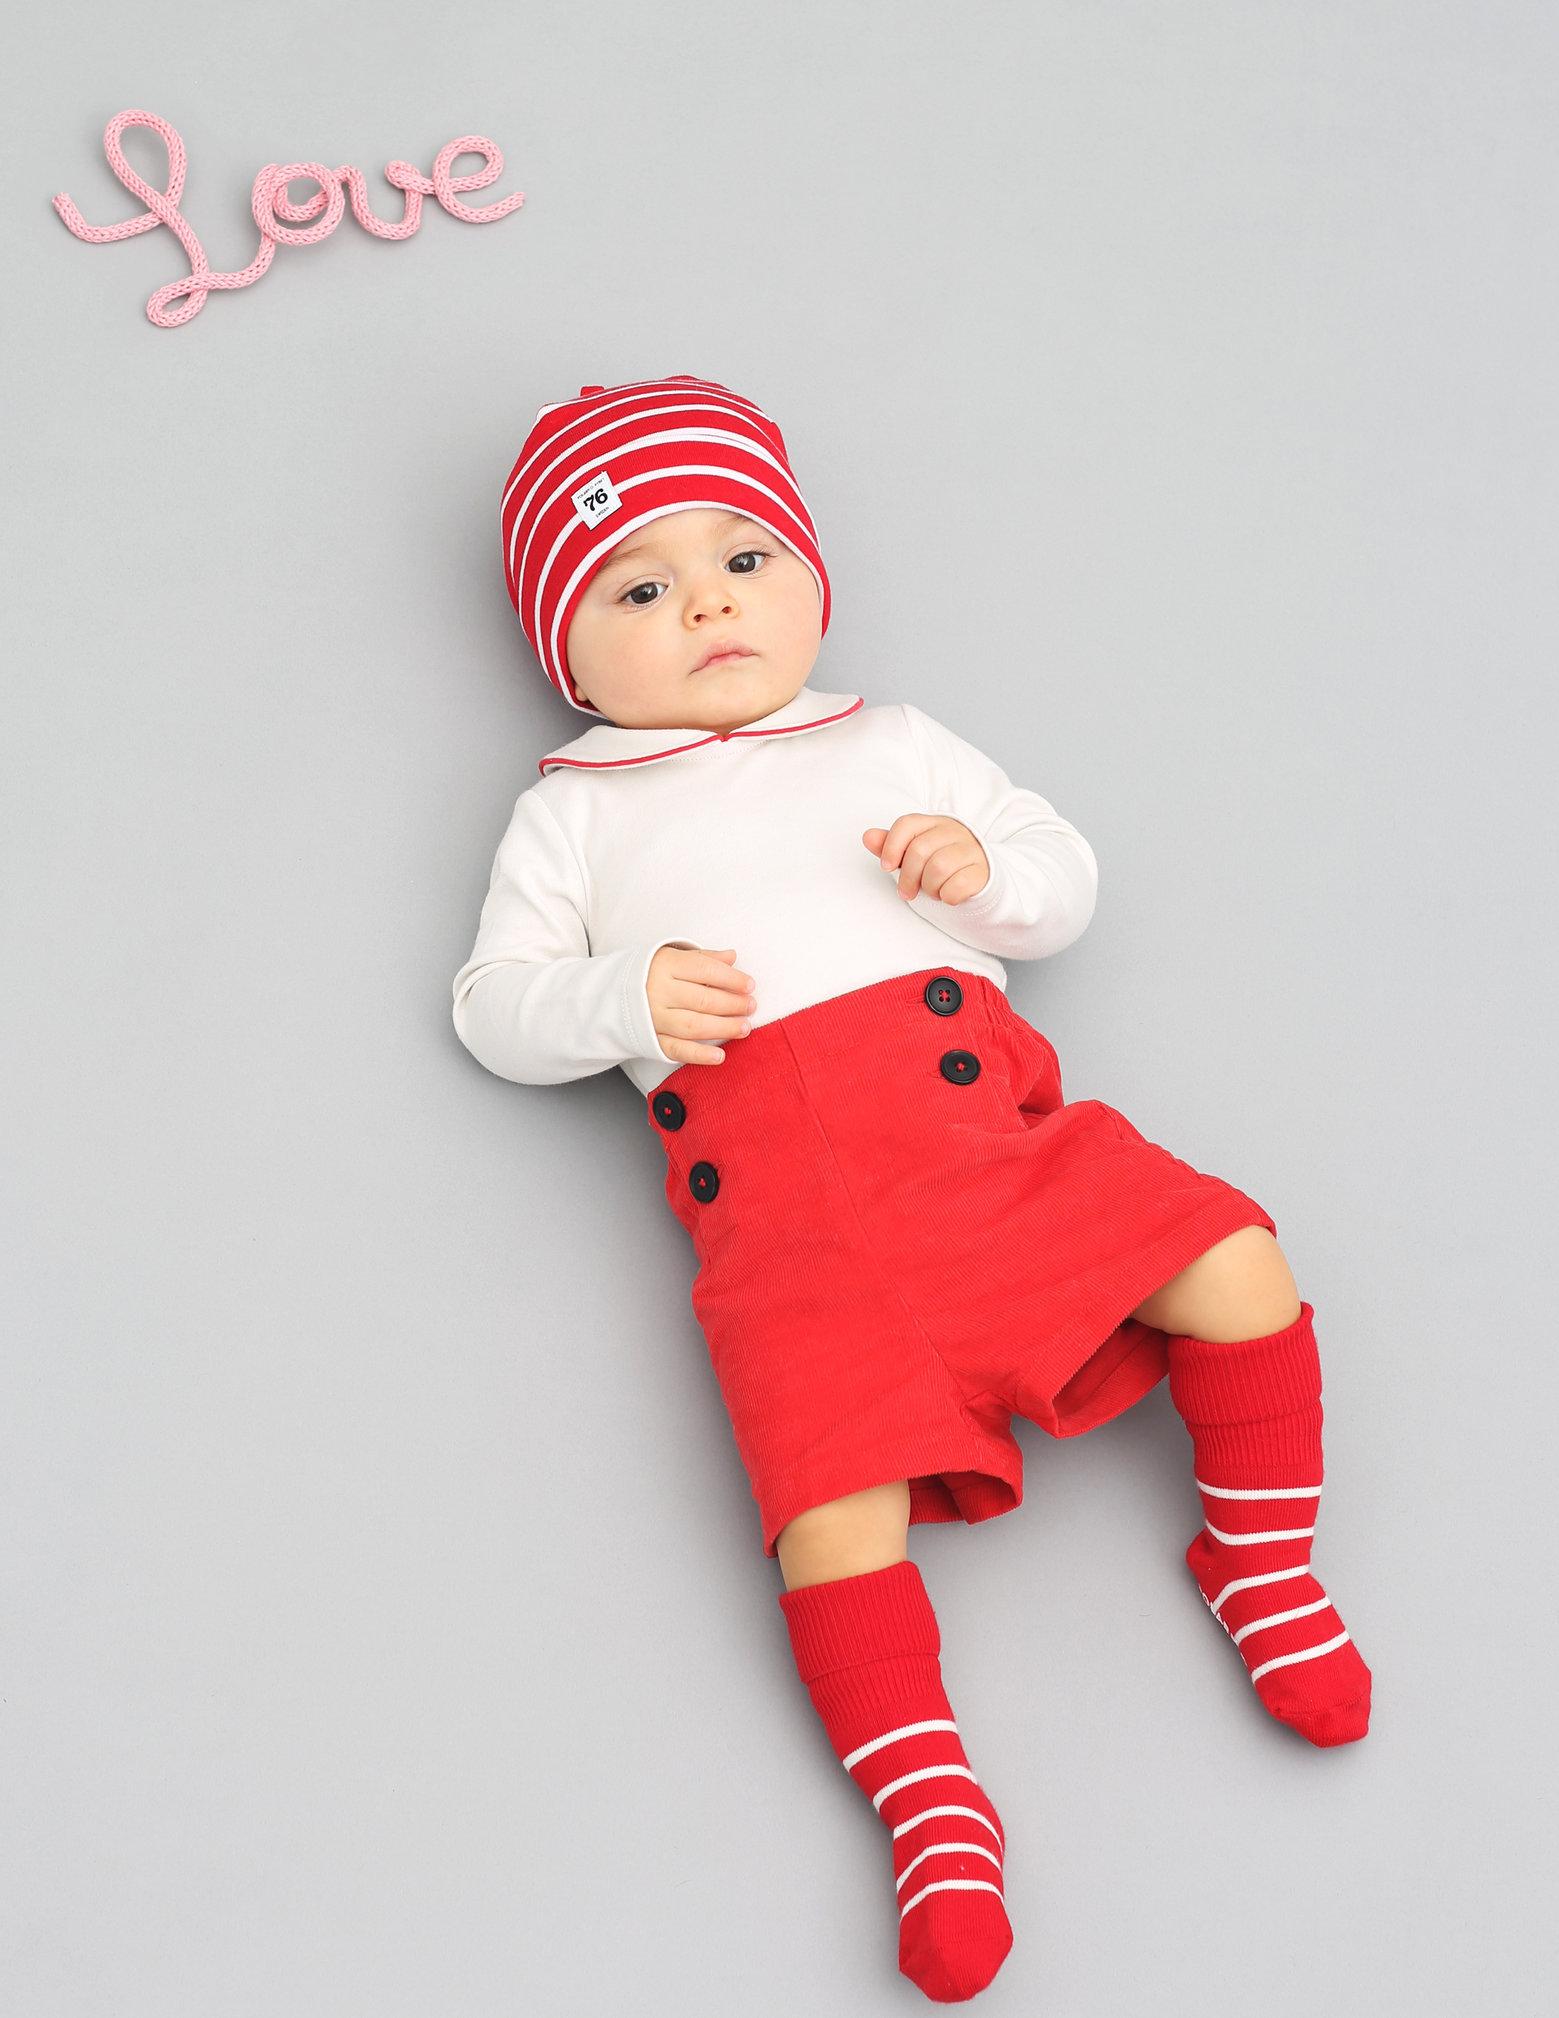 LittleLondon_Cover_2411160549.jpg